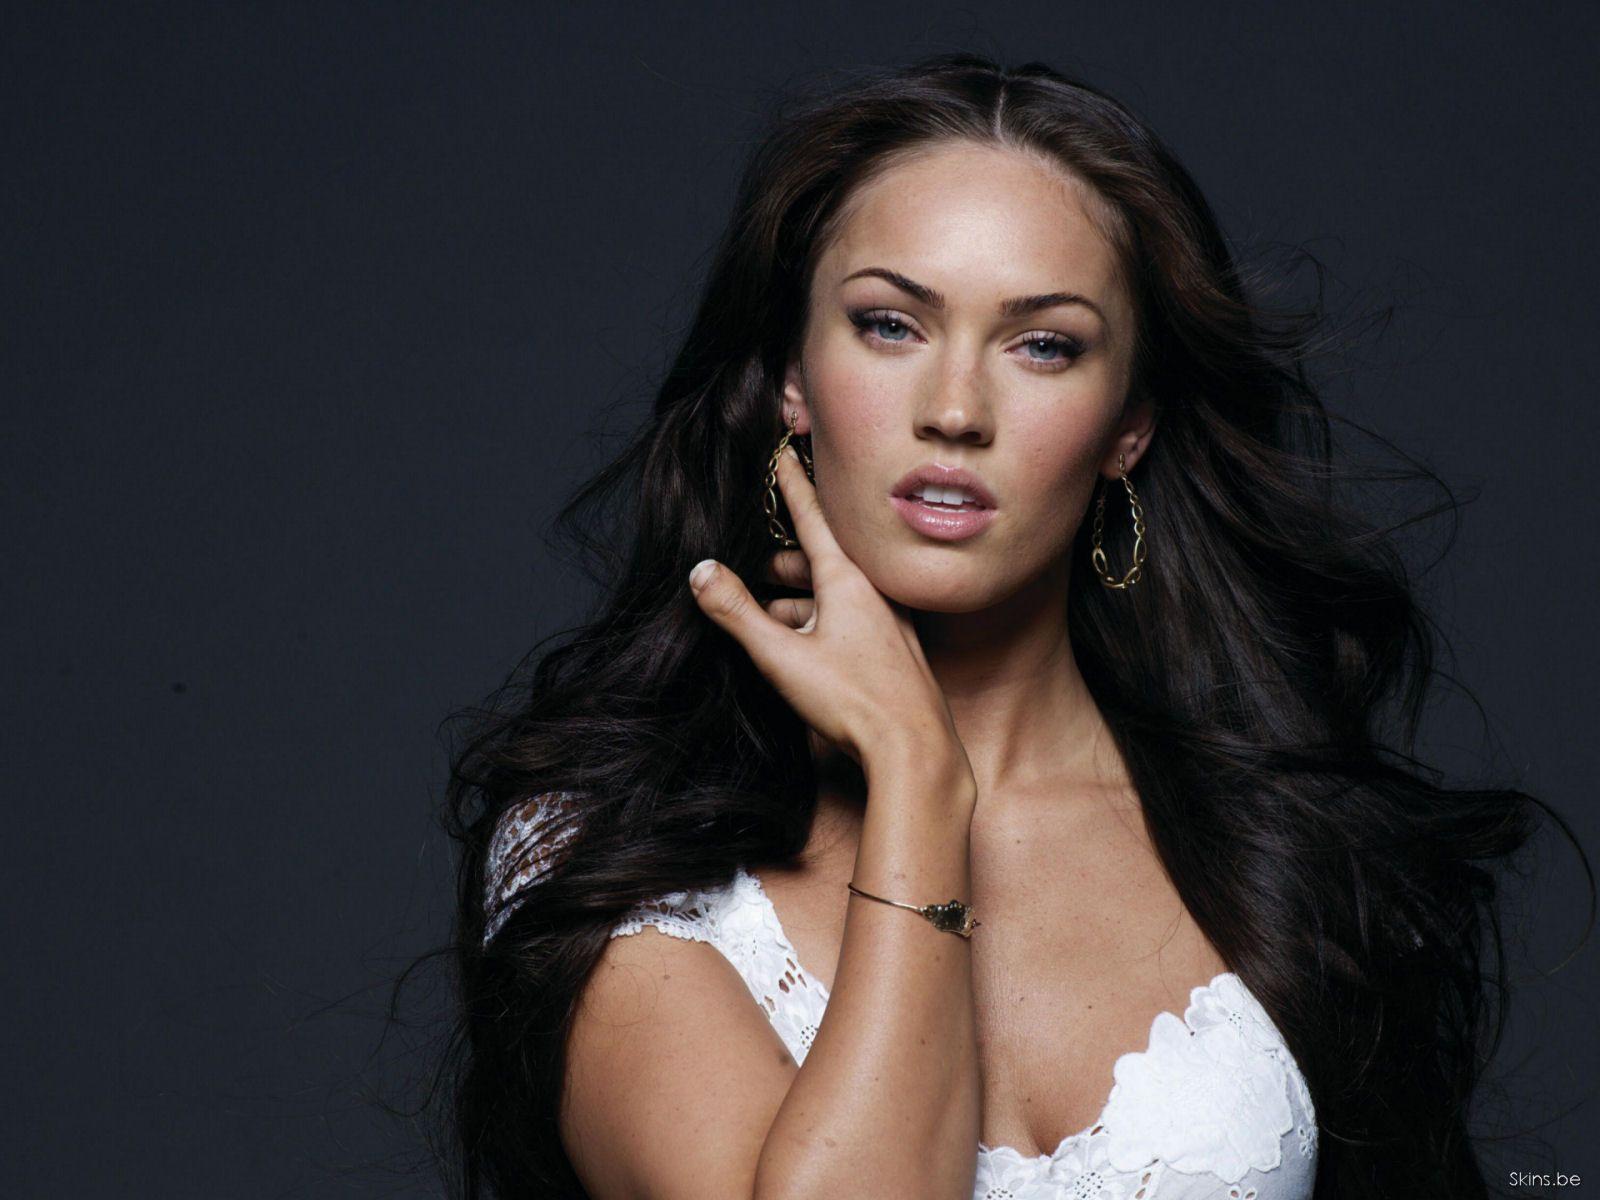 http://2.bp.blogspot.com/-5teEd8ptxY4/T4RVePA9RJI/AAAAAAAAEno/-VipMuTPcj0/s1600/Megan+Fox+Hot+%28119%29.jpg